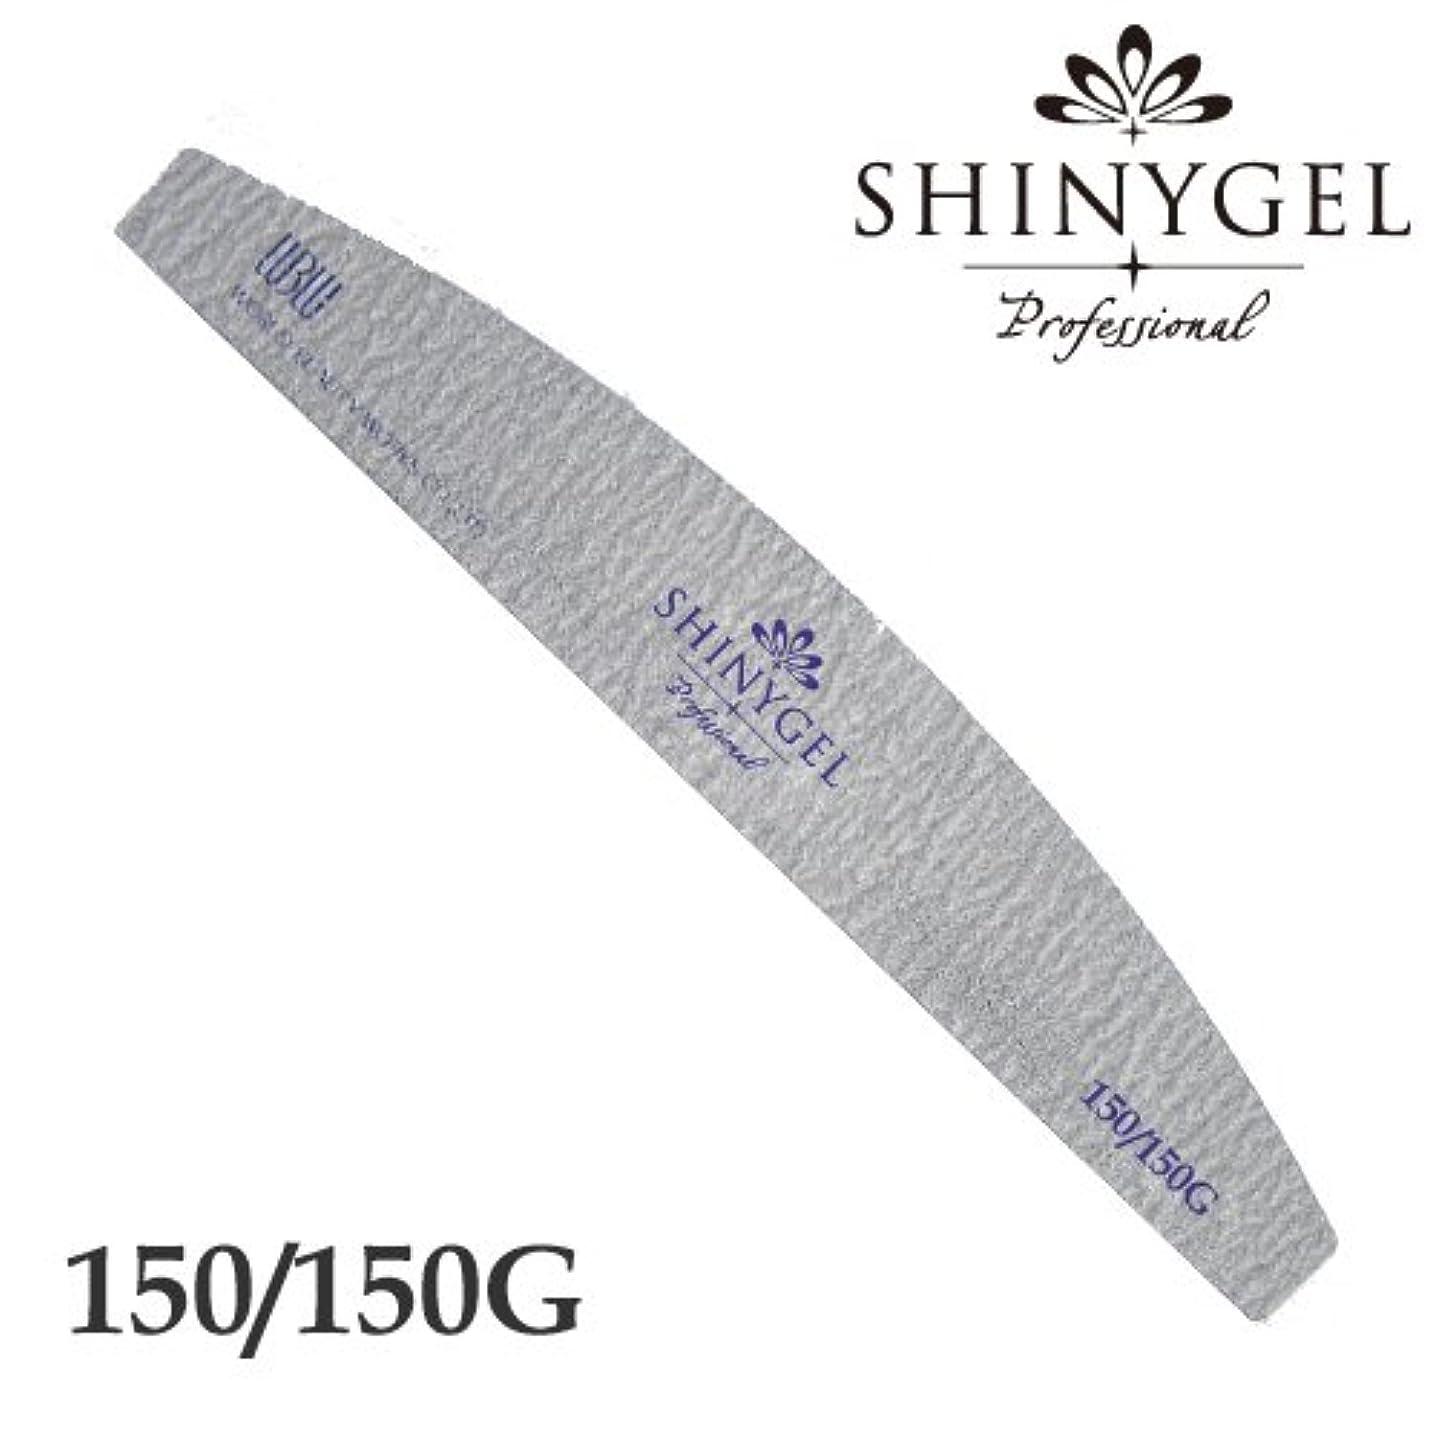 包帯満足させる枯れるSHINYGEL Professional シャイニージェルプロフェッショナル ゼブラファイル ブラック(アーチ型) 150/150G ジェルネイル 爪やすり